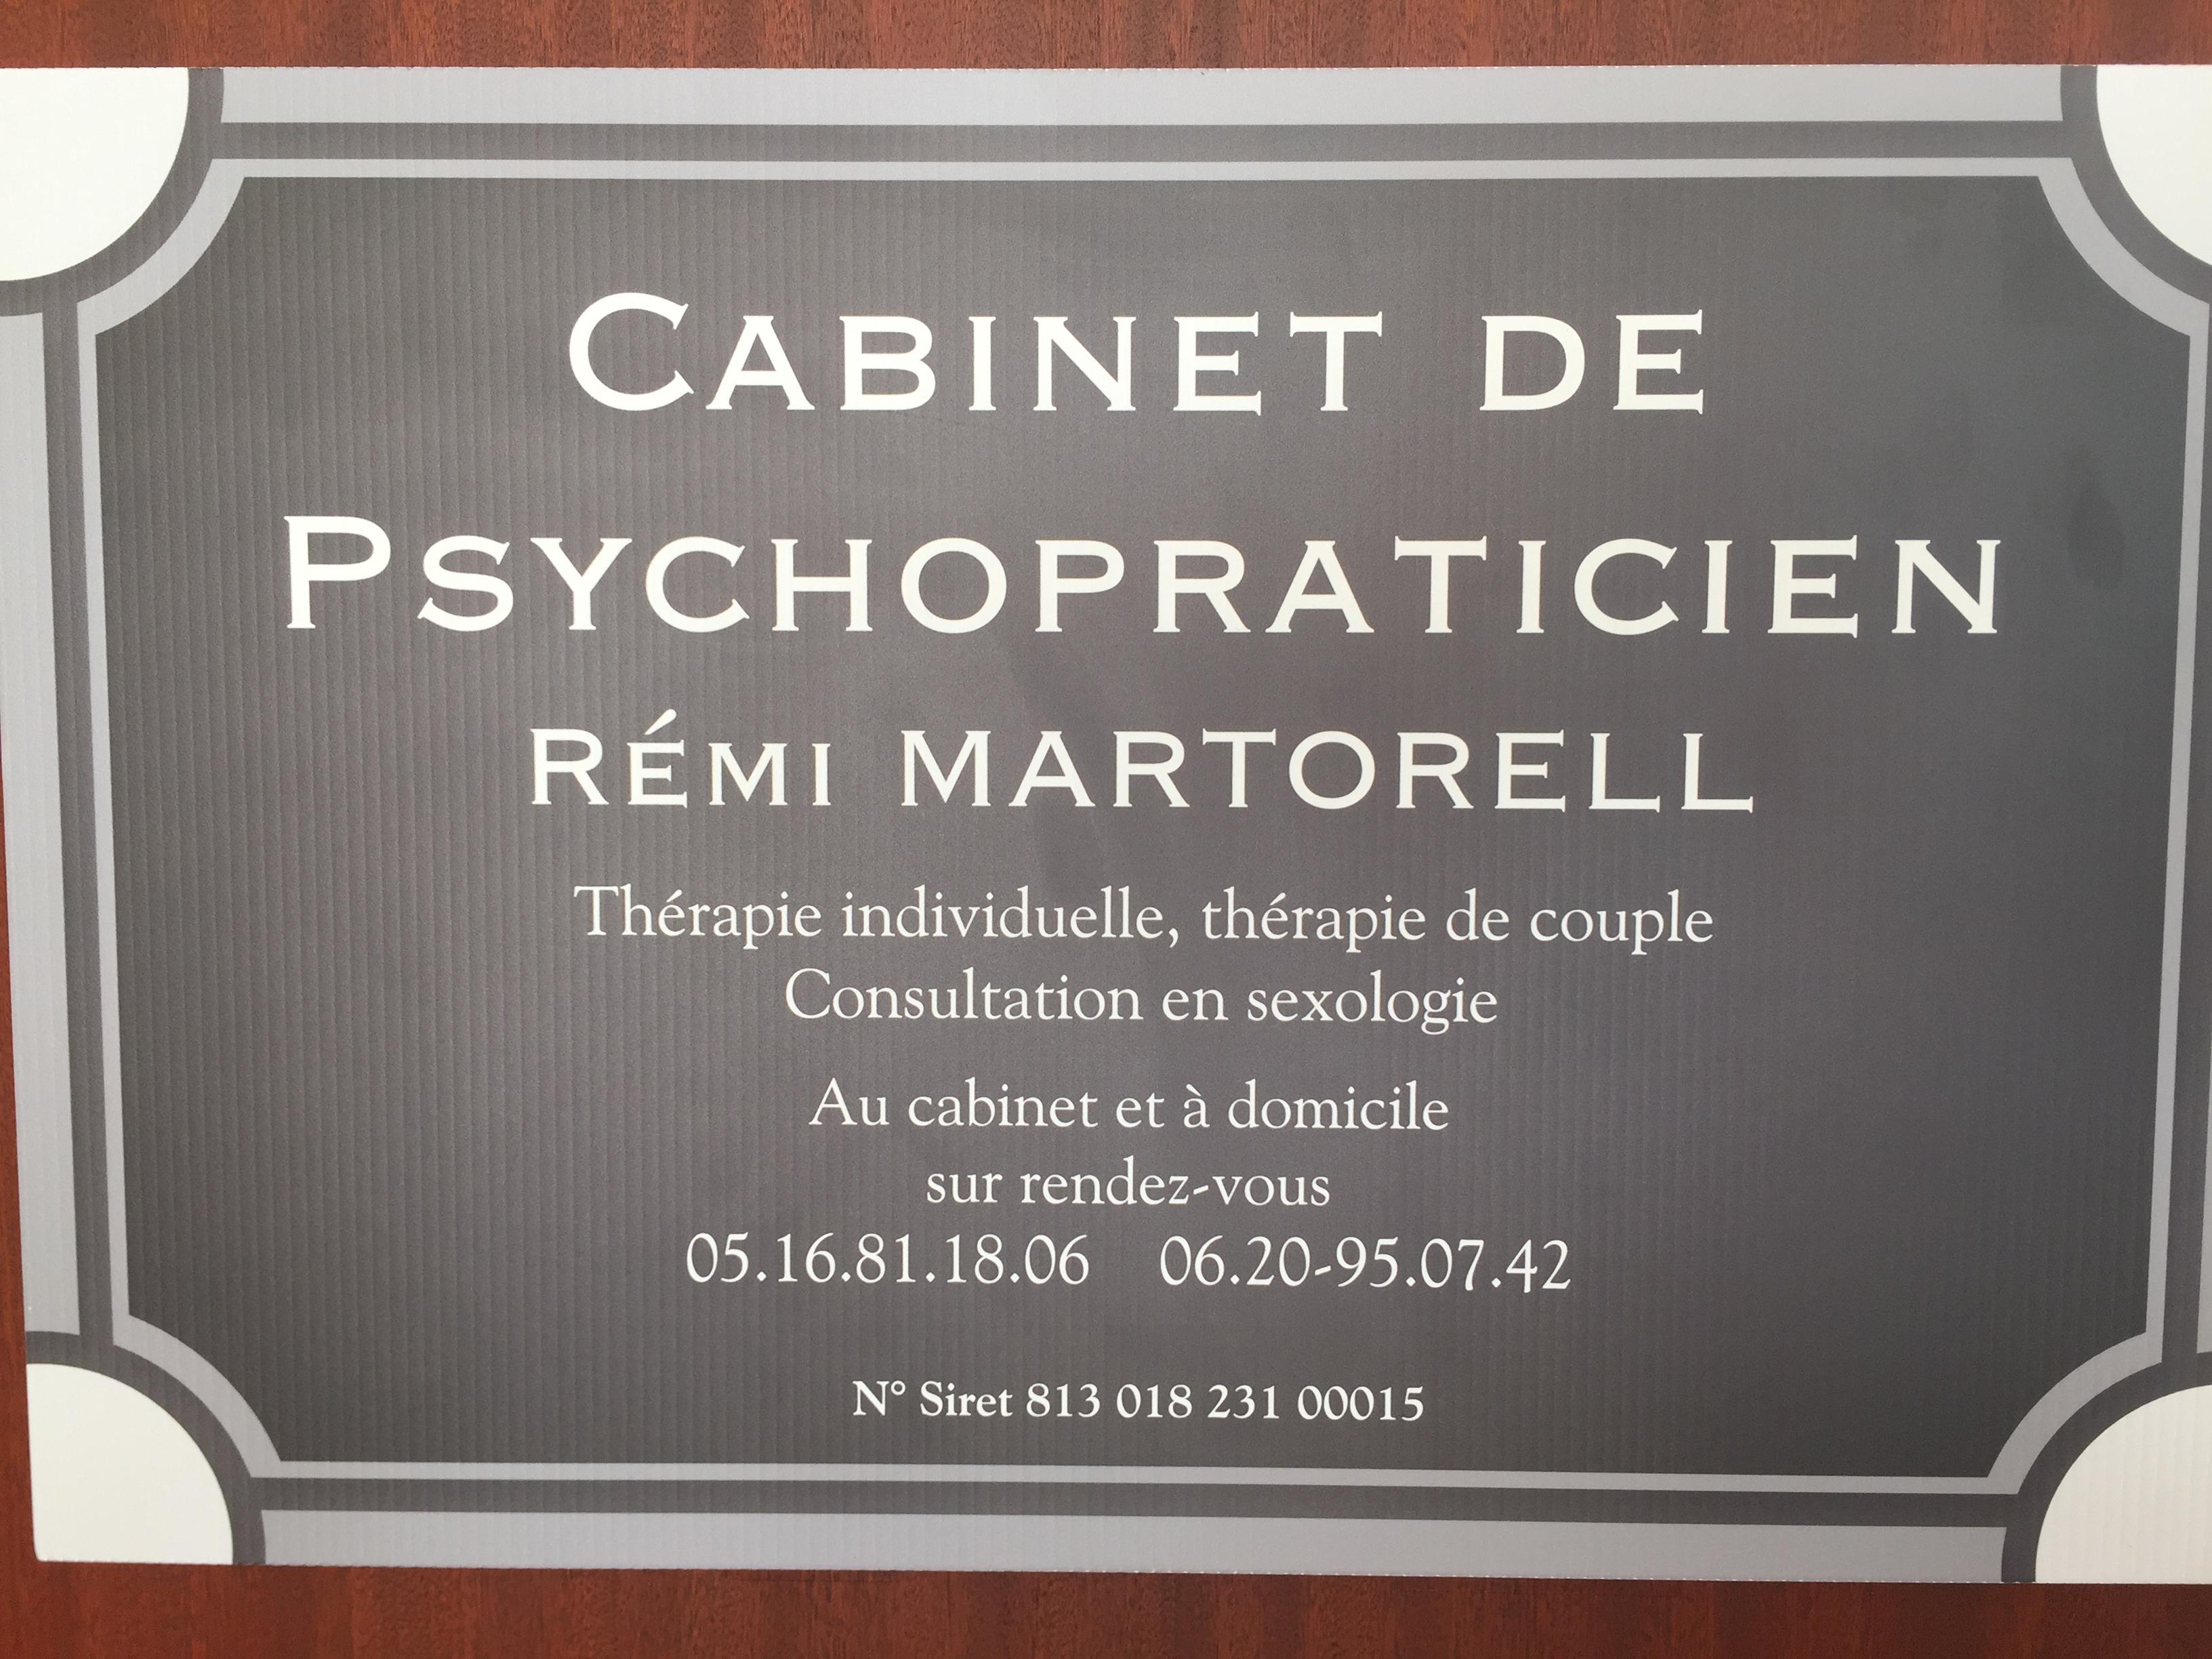 Dr. Martorell Rémi